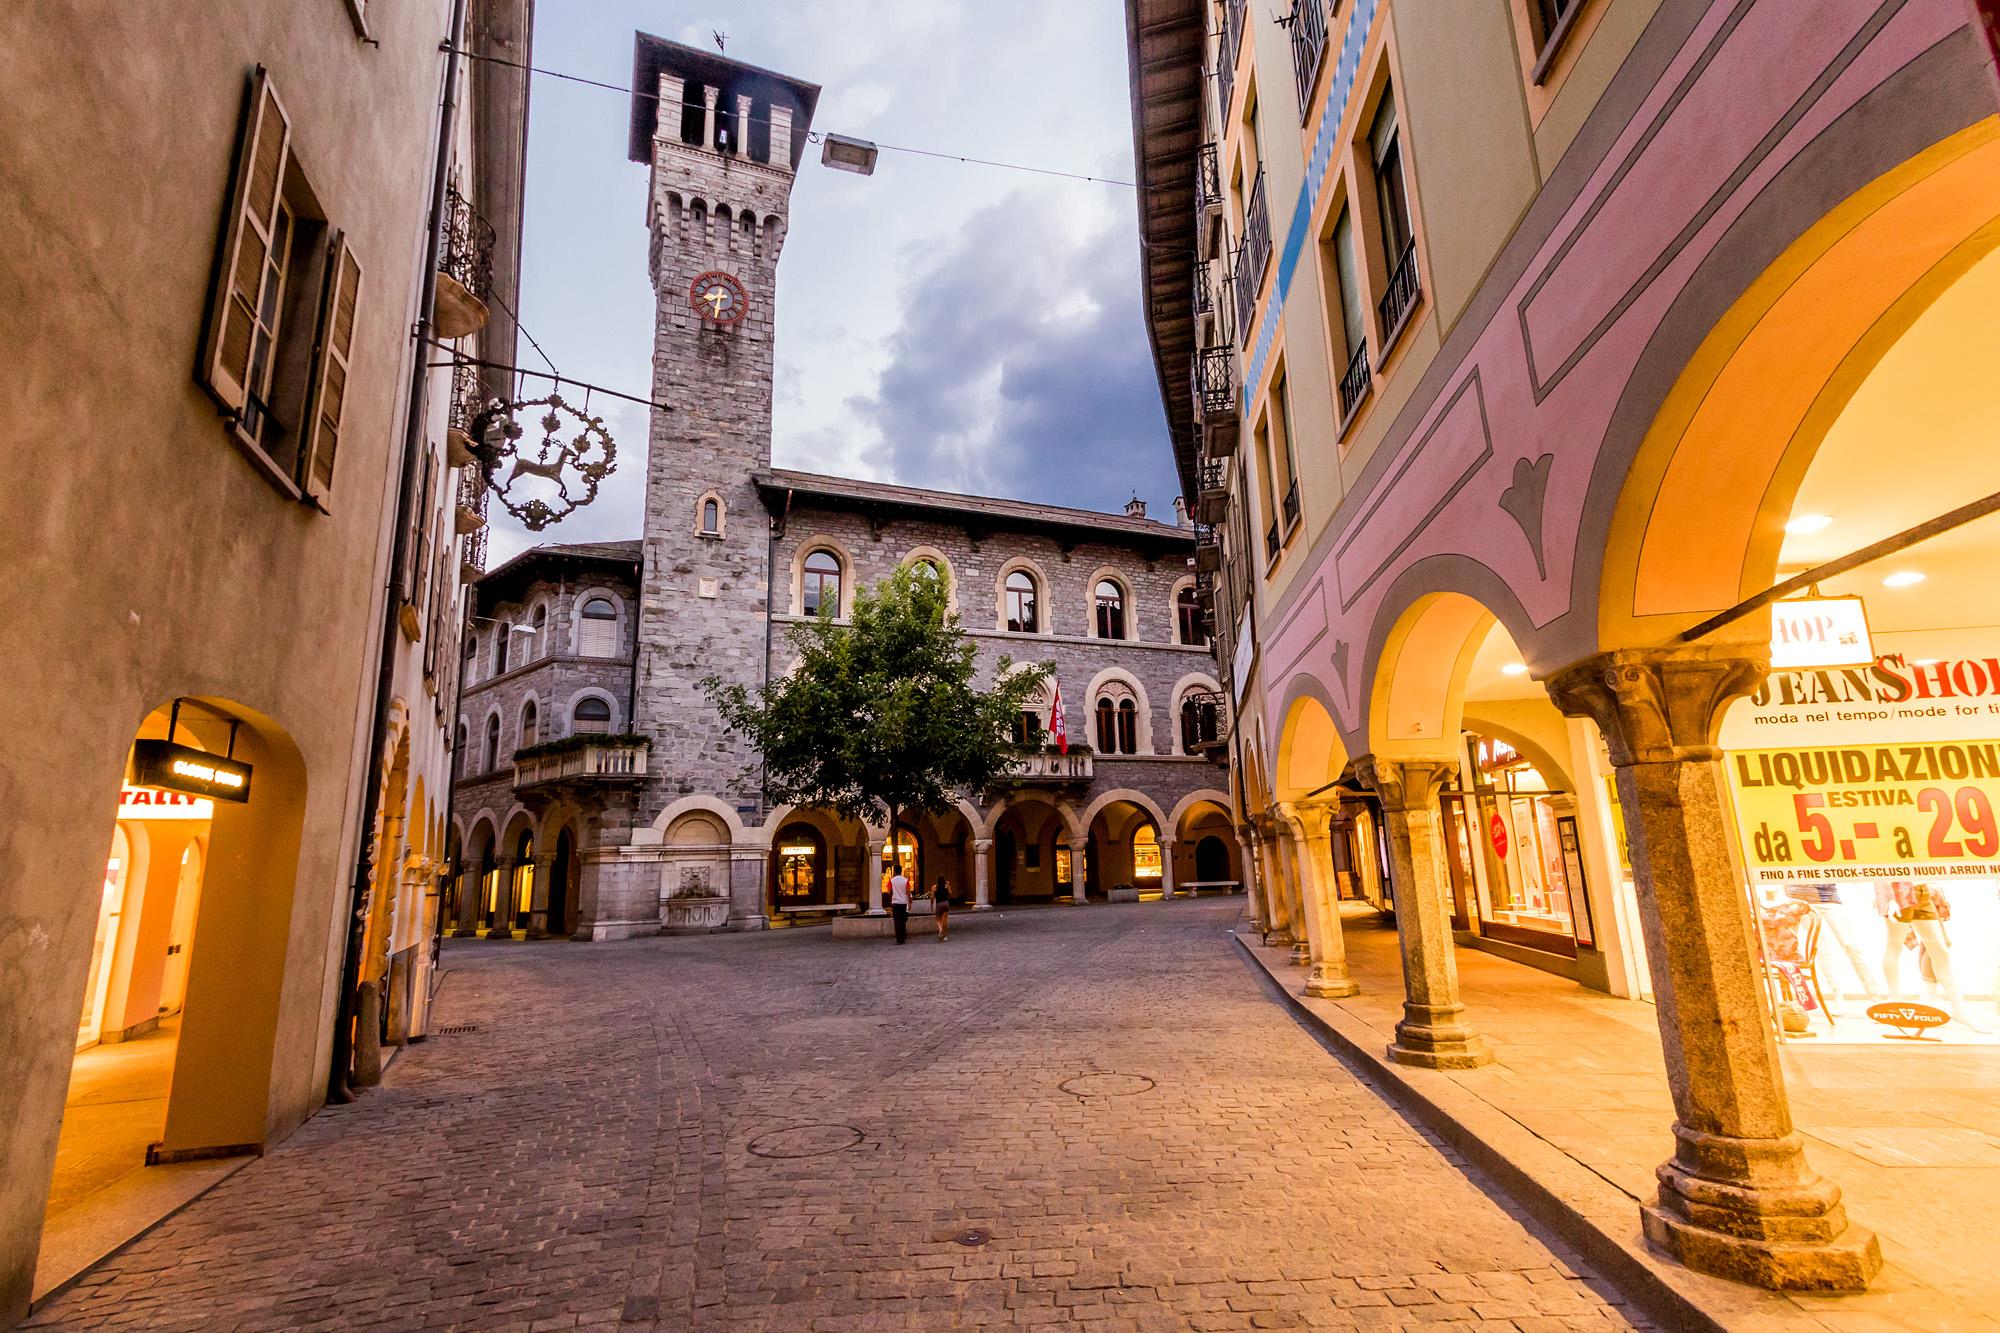 Abendliche Strassenszene in Bellinzona, mit Blick auf das Rathaus